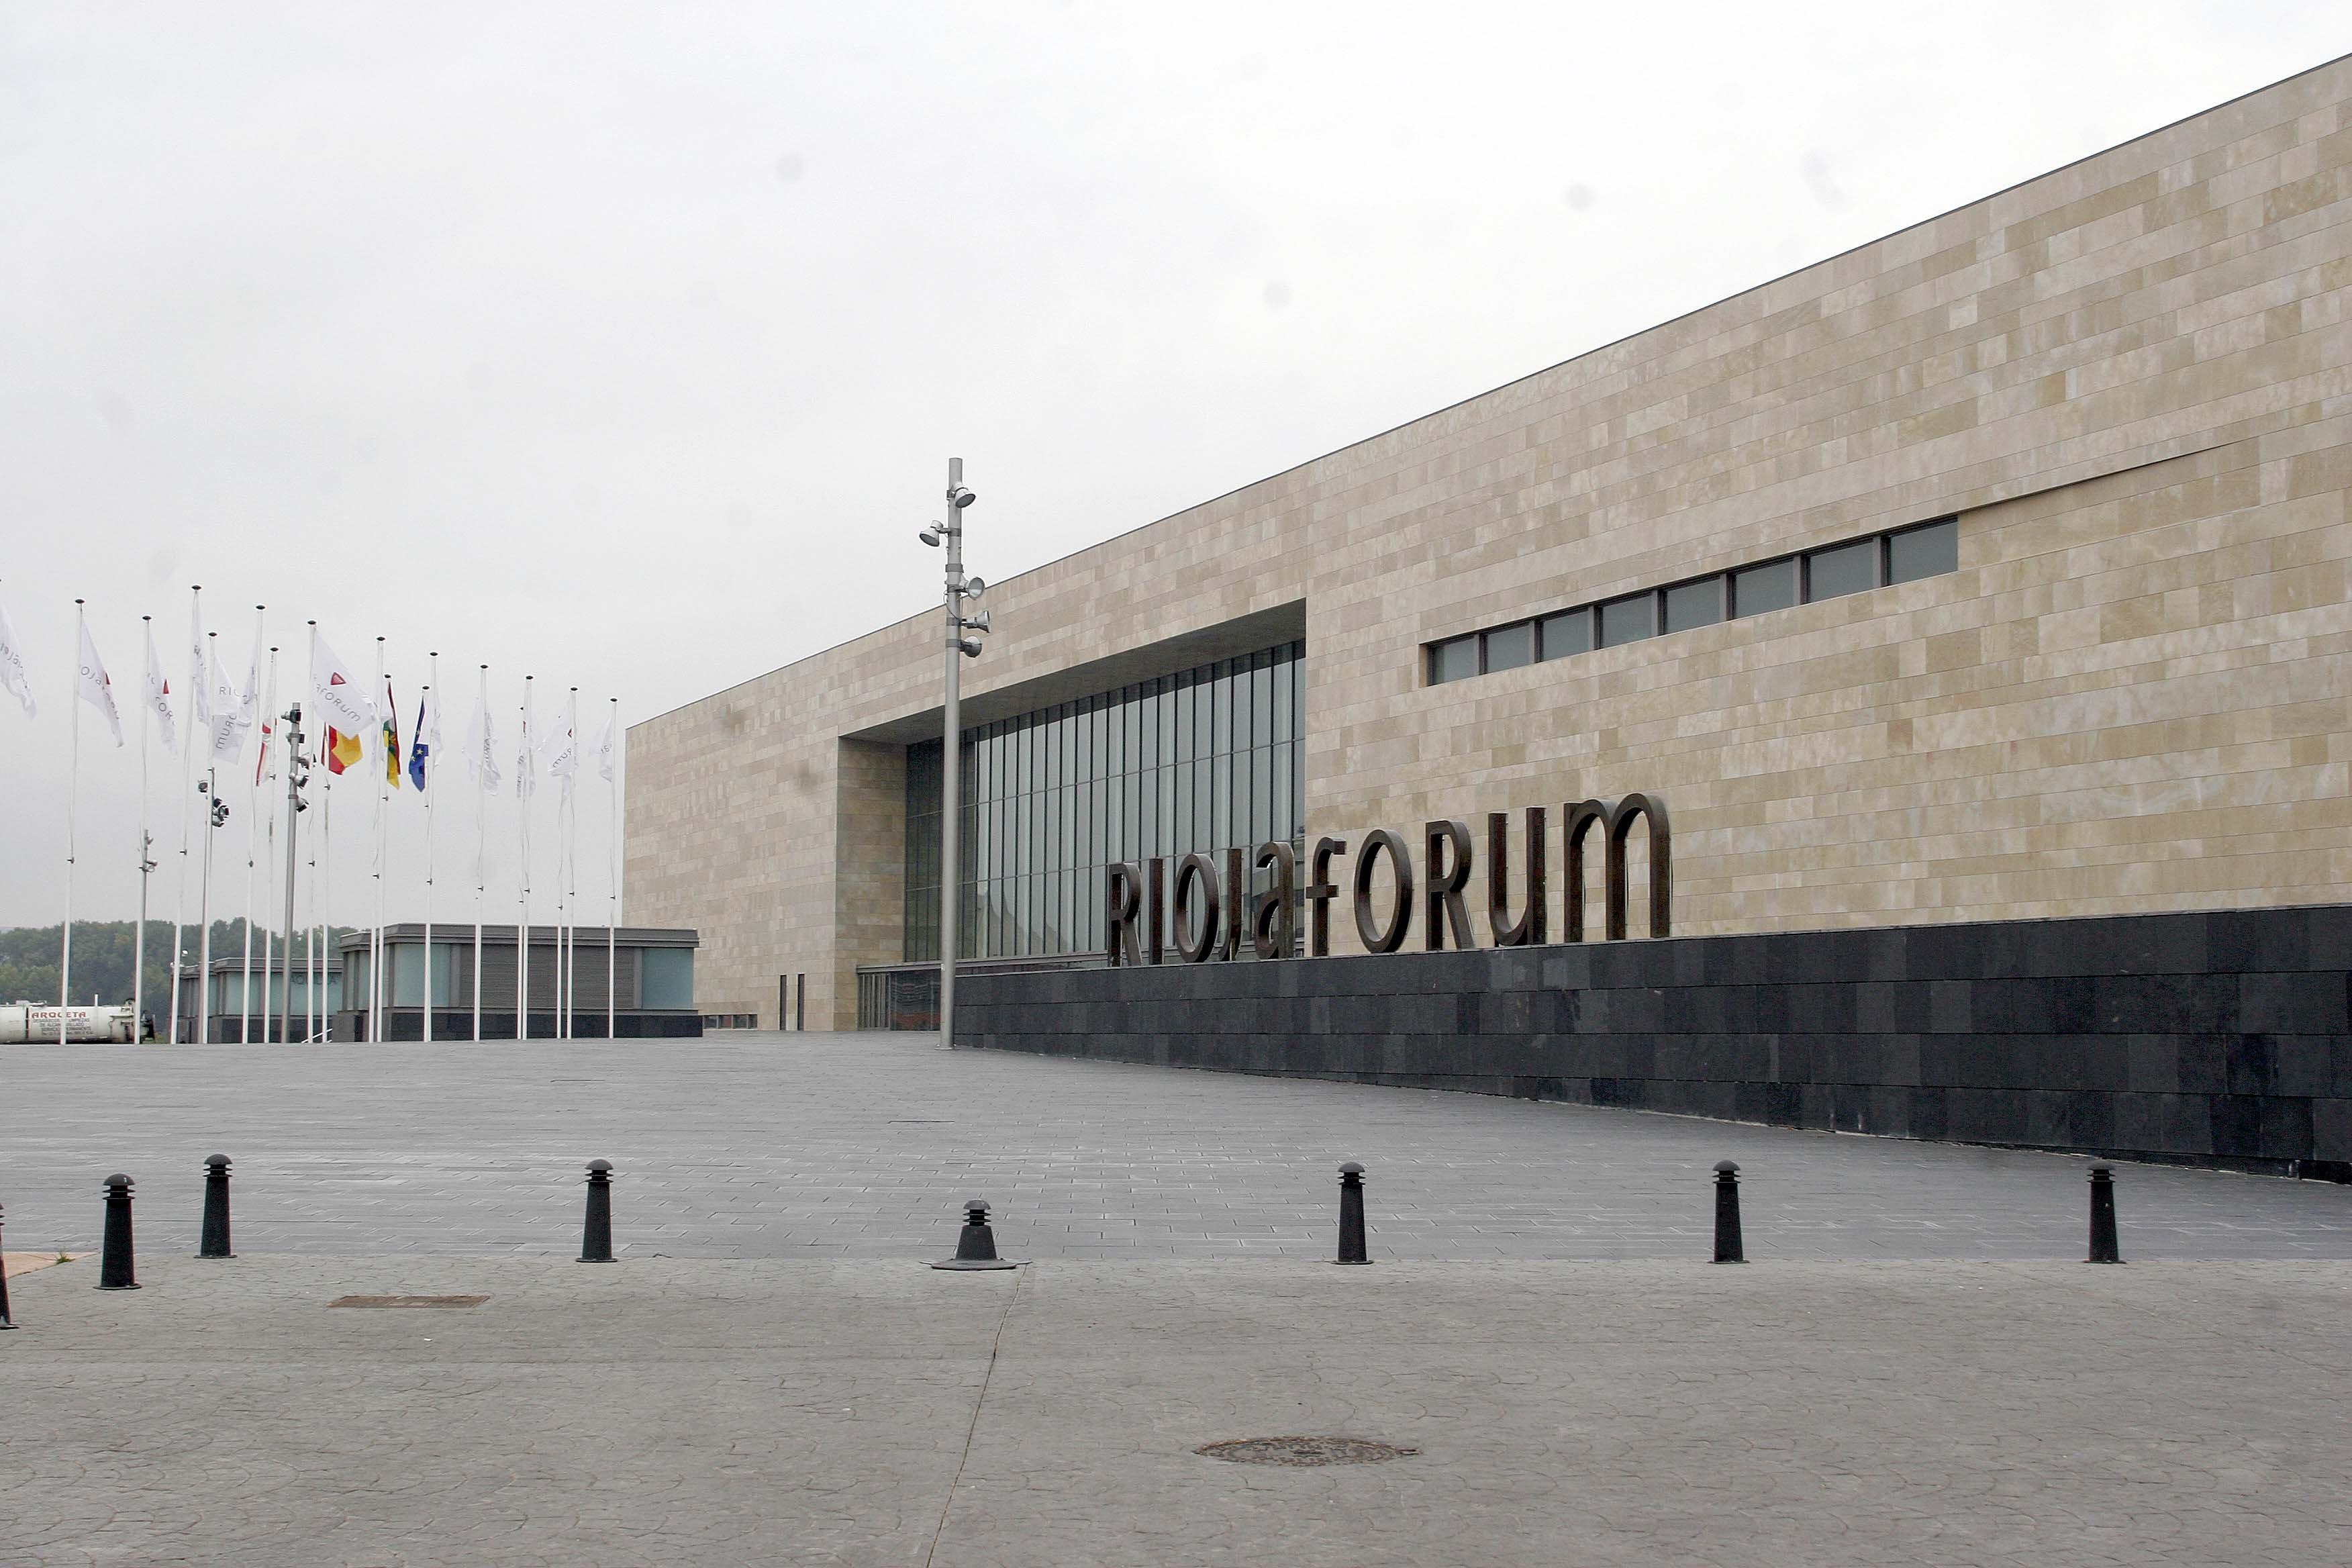 El espíritu de Irlanda llega a Riojaforum el próximo 2 de noviembre